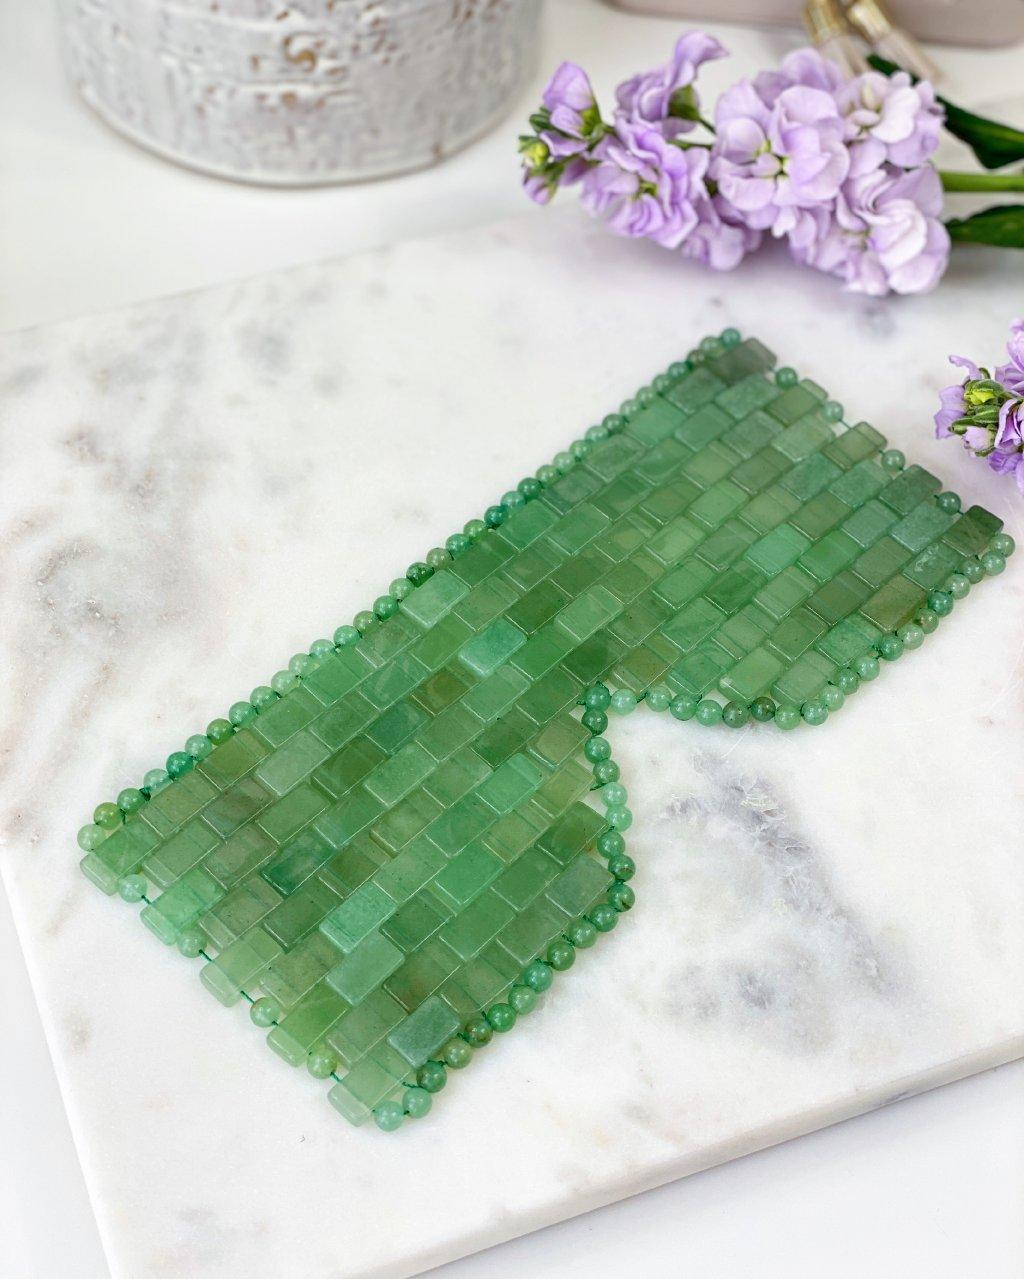 Chladivá obličejová maska z minerálu jadeit zelený